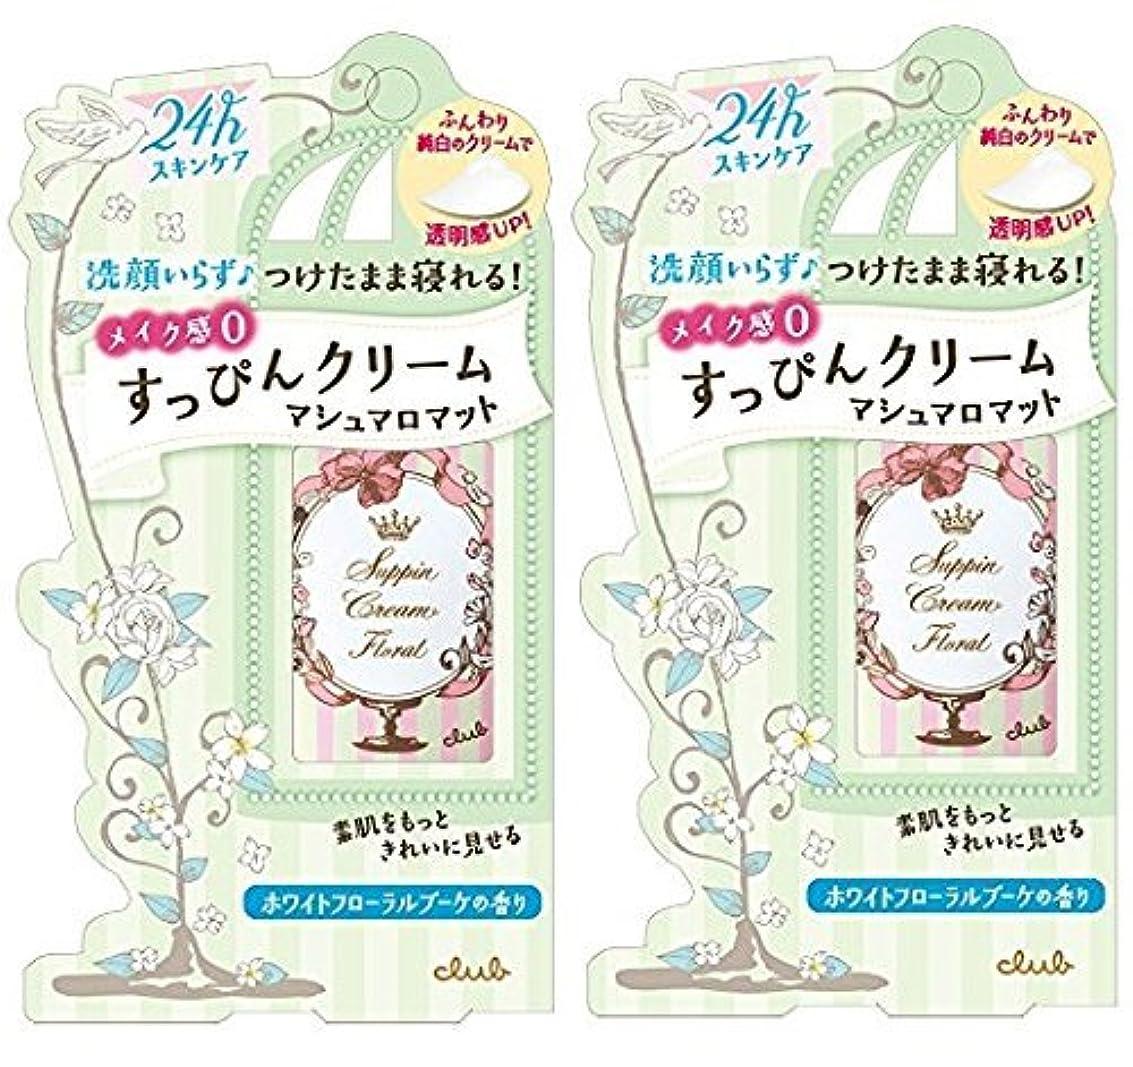 スピーカー花瓶ソビエトクラブ すっぴんクリーム マシュマロマット ホワイトフローラルブーケの香り×2セット